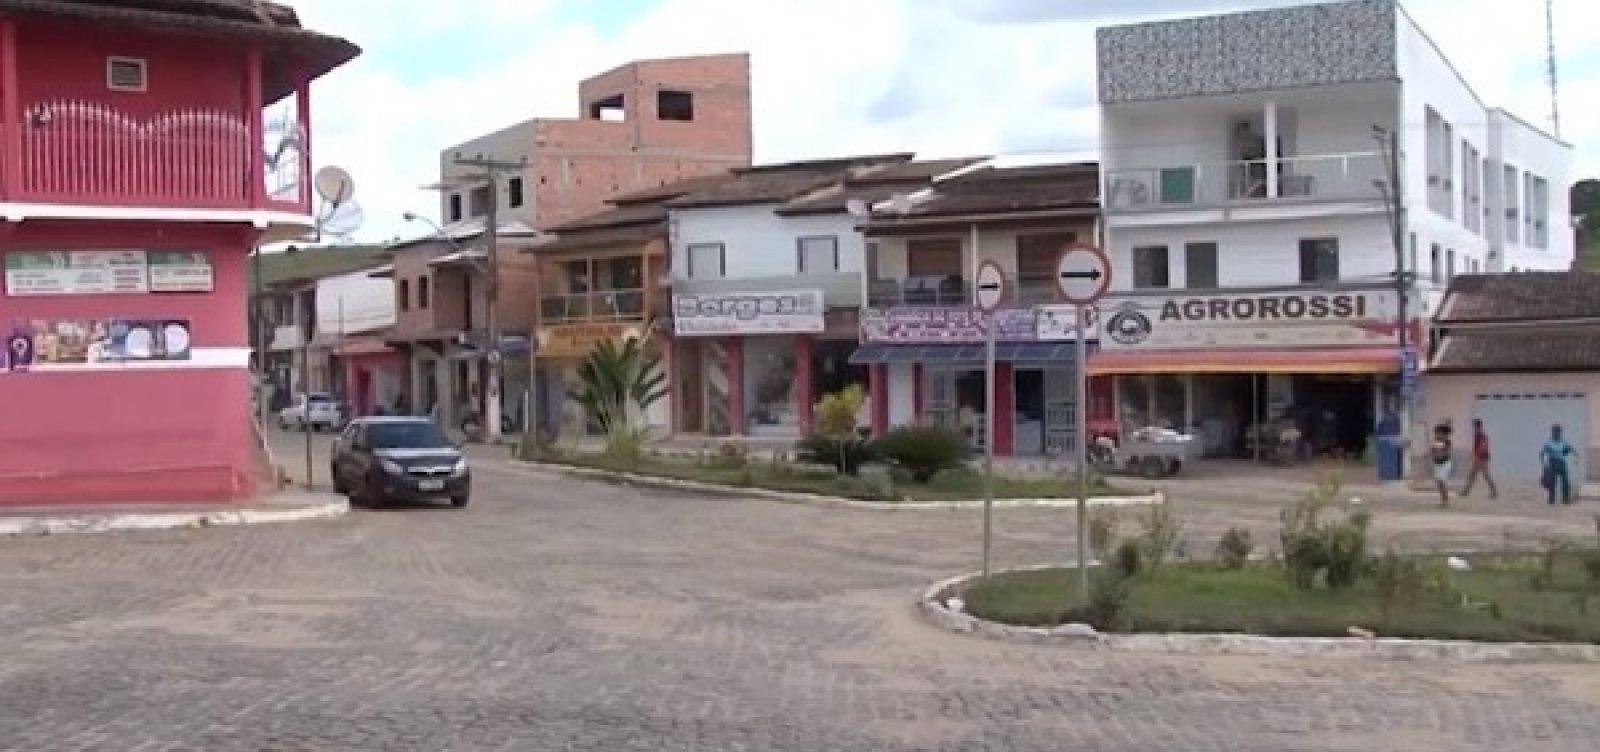 [Pedra cai em área rural de cidade após tremor de 2,5 graus na escala Richter ]